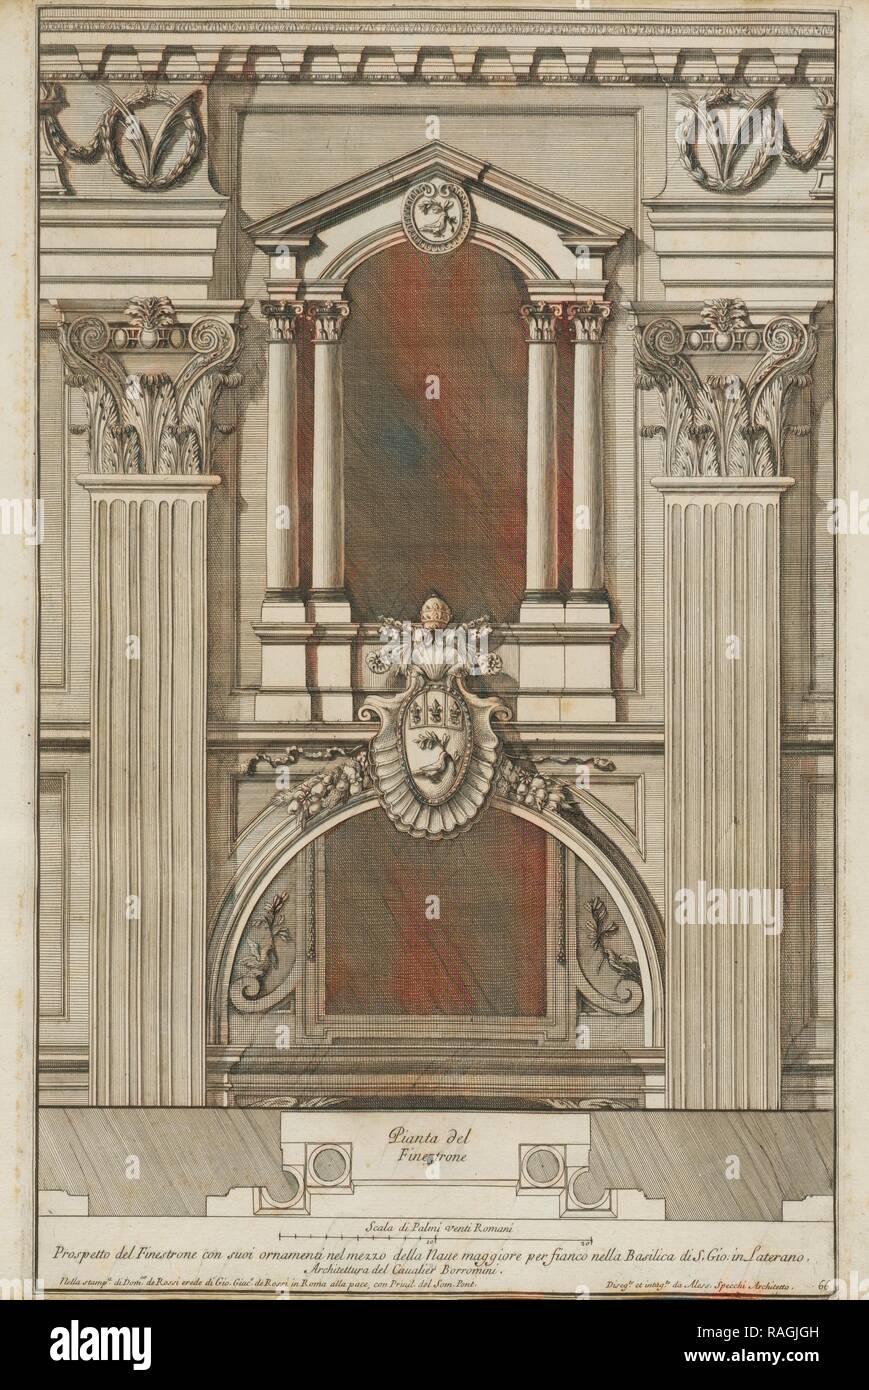 Prospetto del finestrone con suoi ornamenti nel mezzo della naue maggiore per fianco nella Basilica di S. Gio. in reimagined - Stock Image